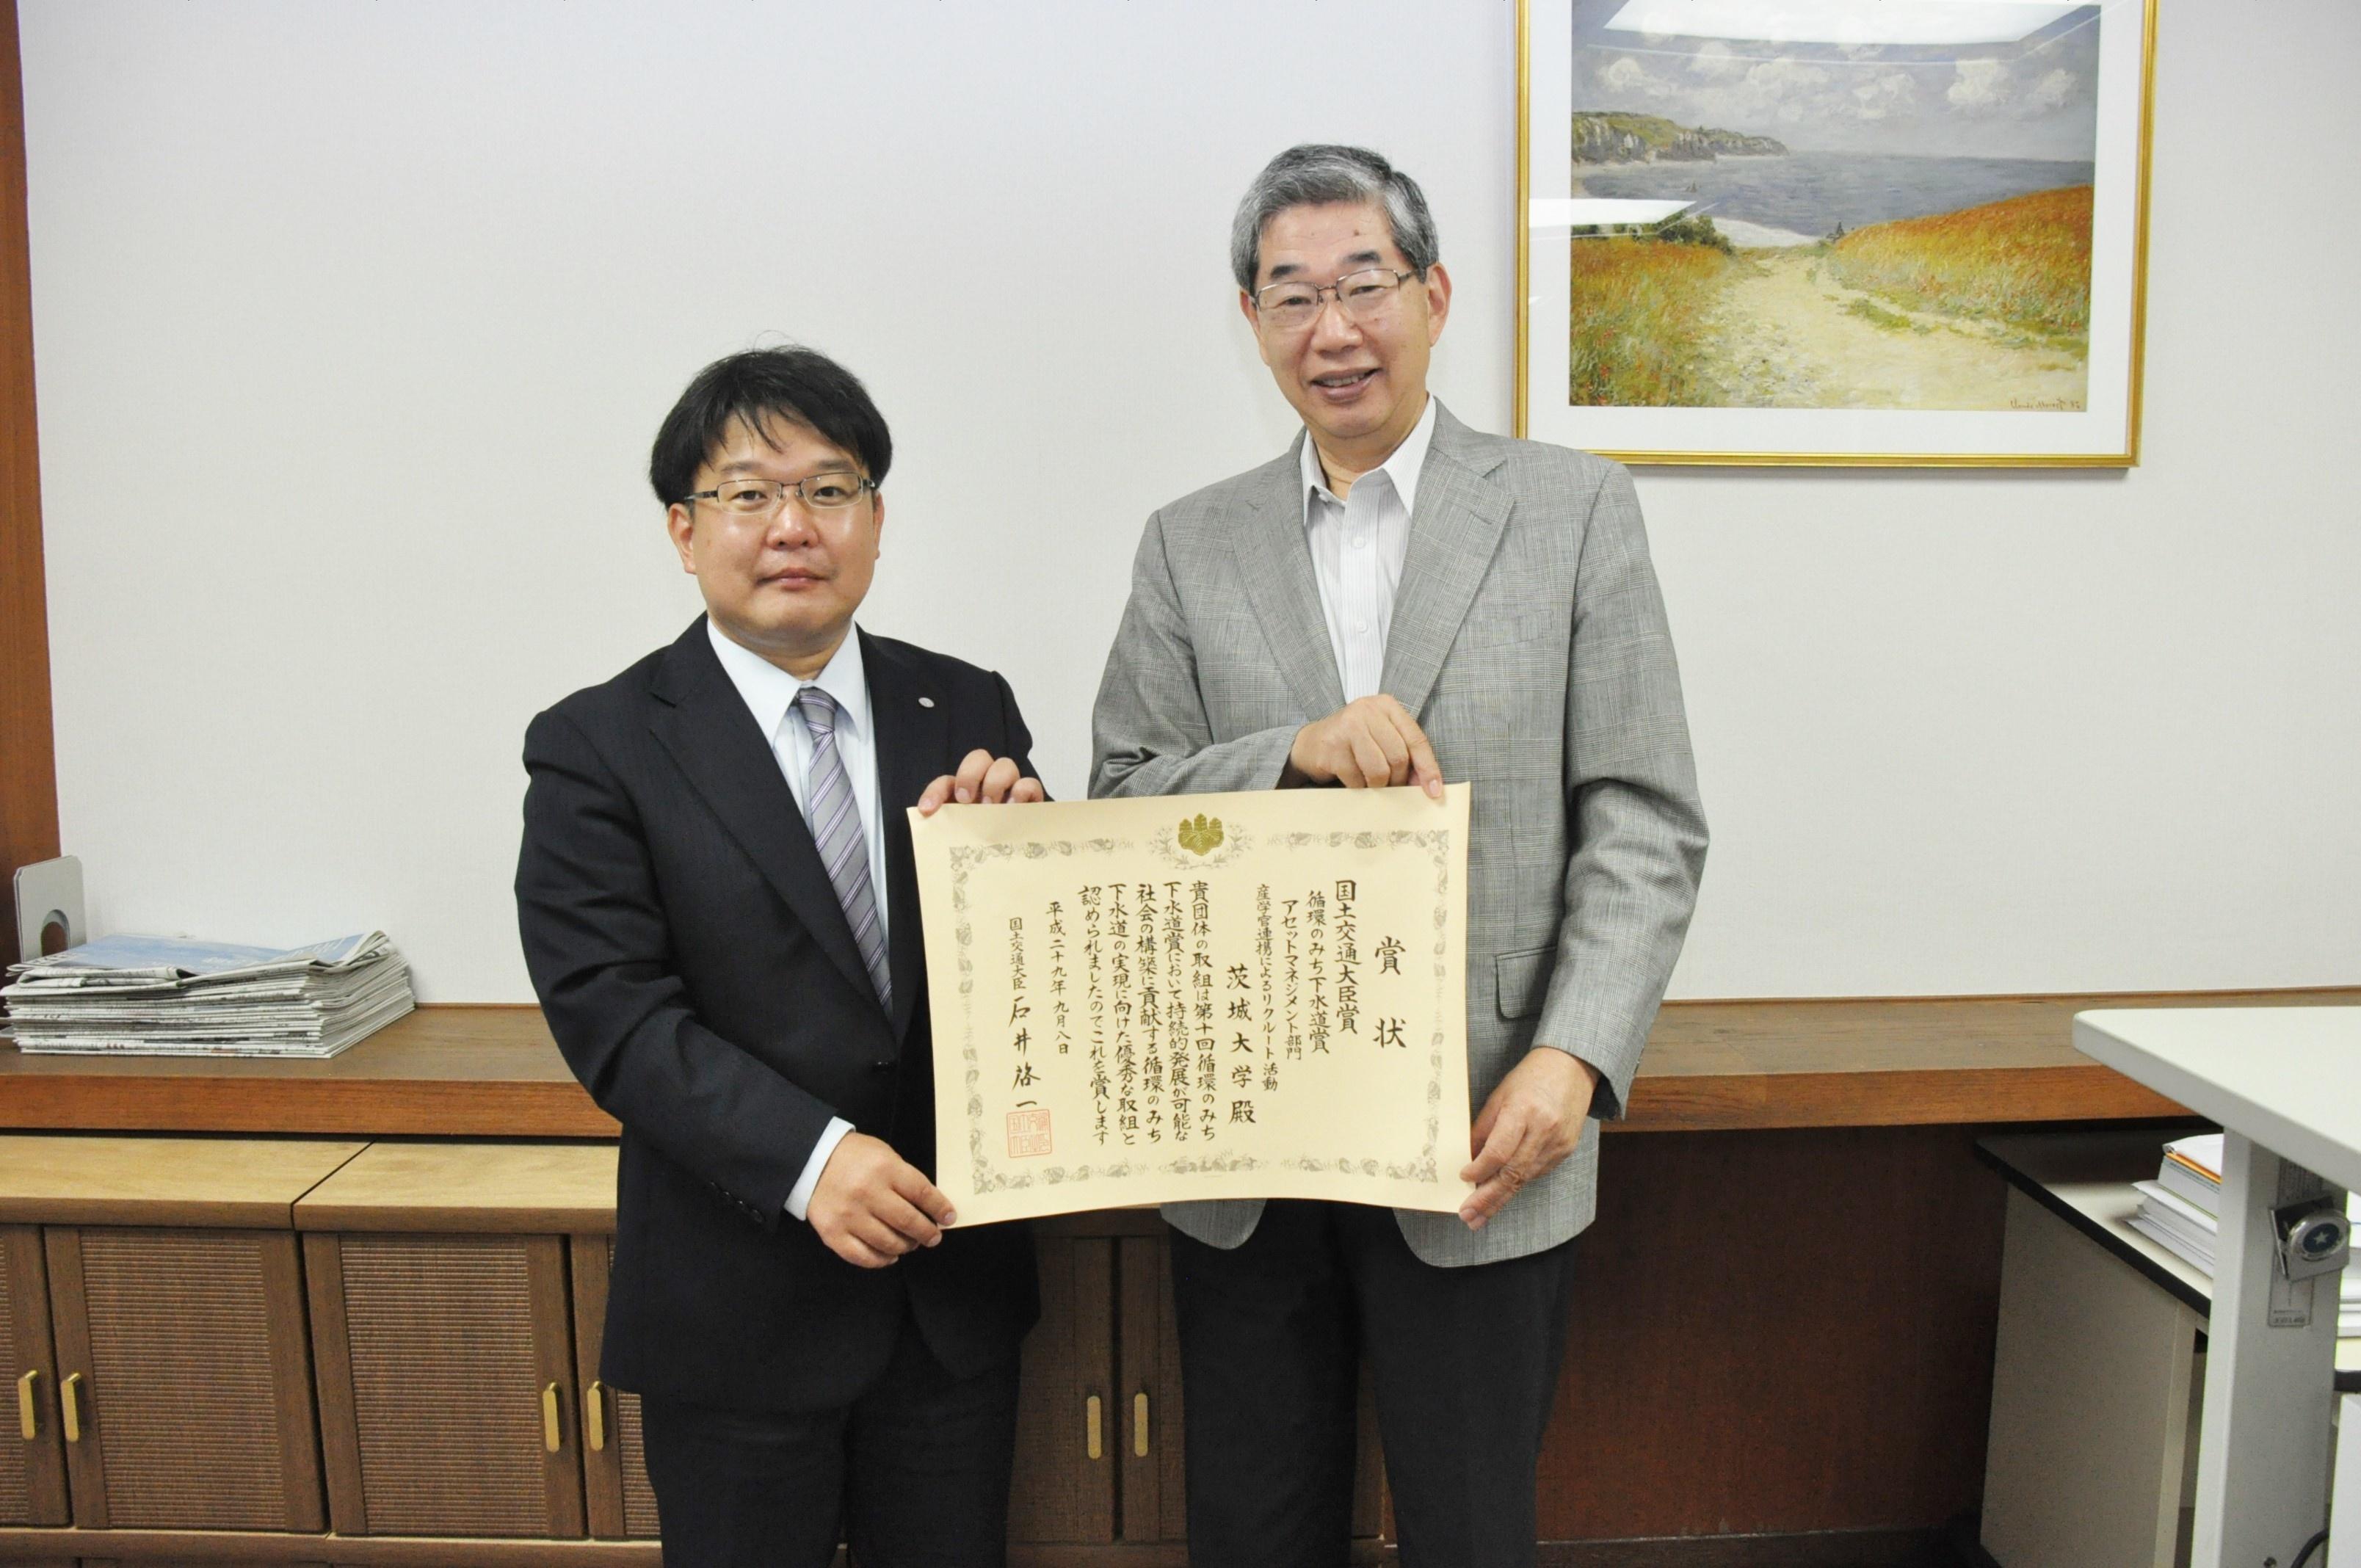 三村学長に受賞報告する藤田昌史准教授